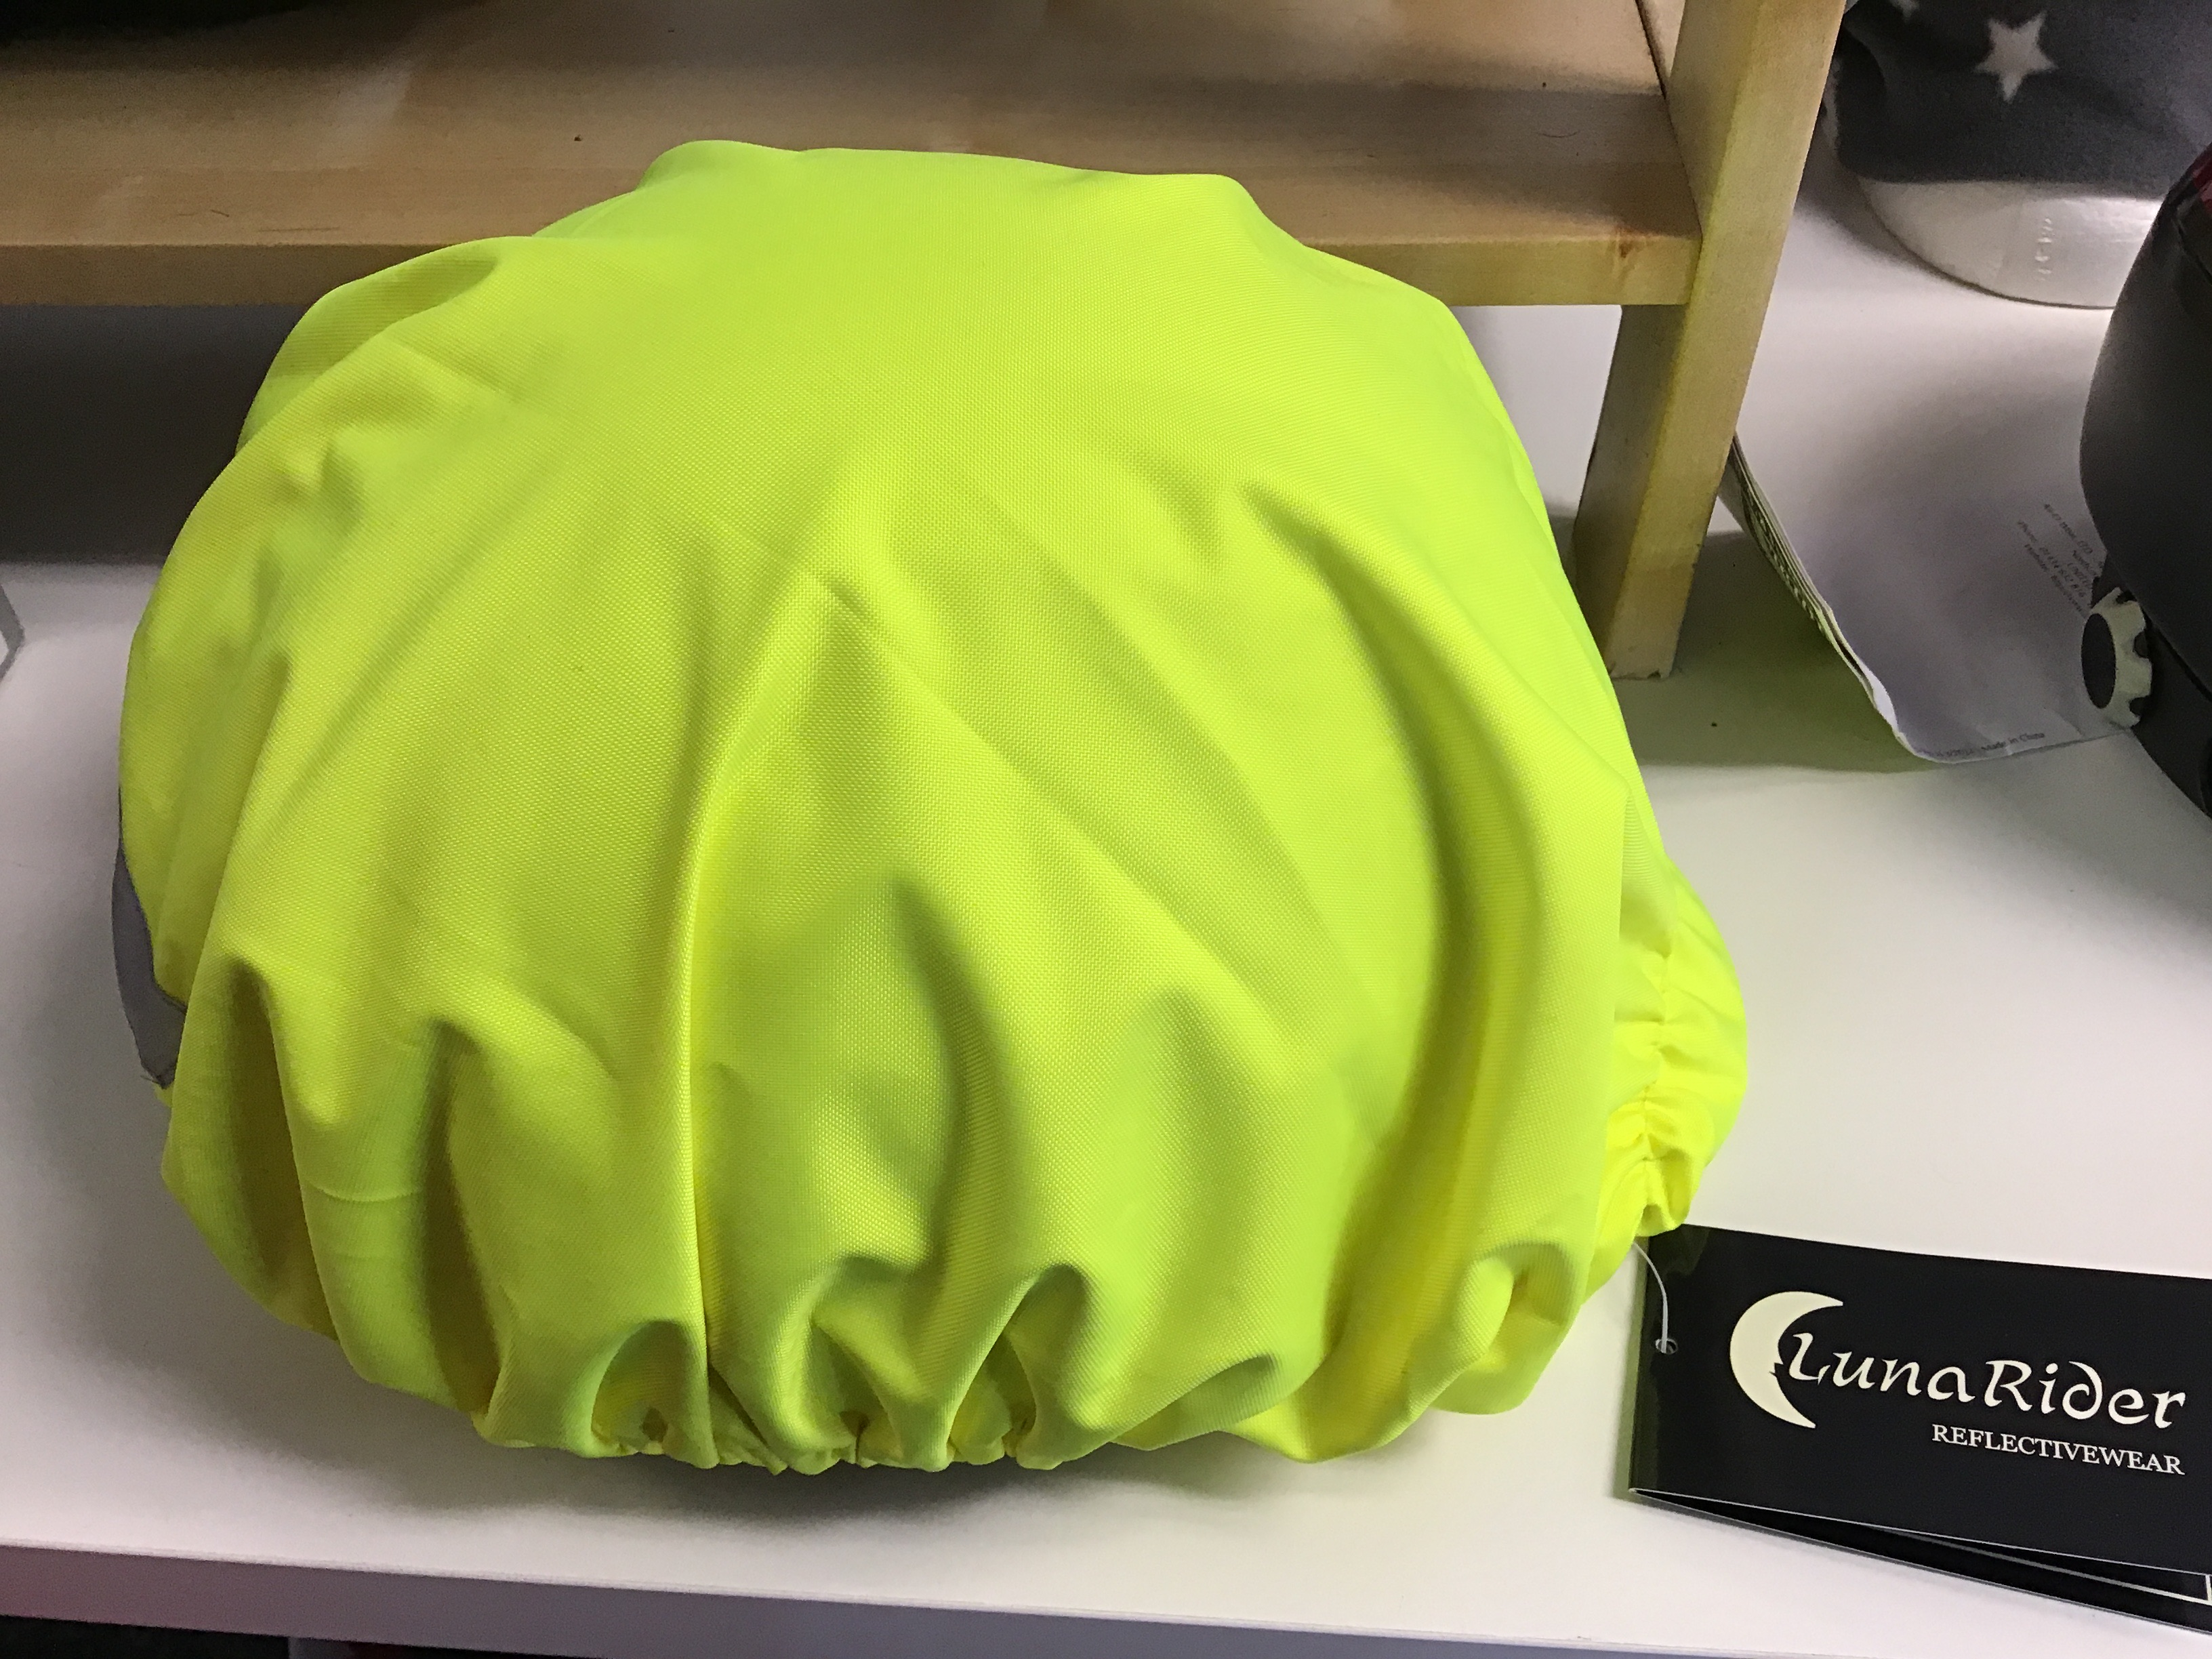 Luna Rider HiViz Hat Cover Yellow